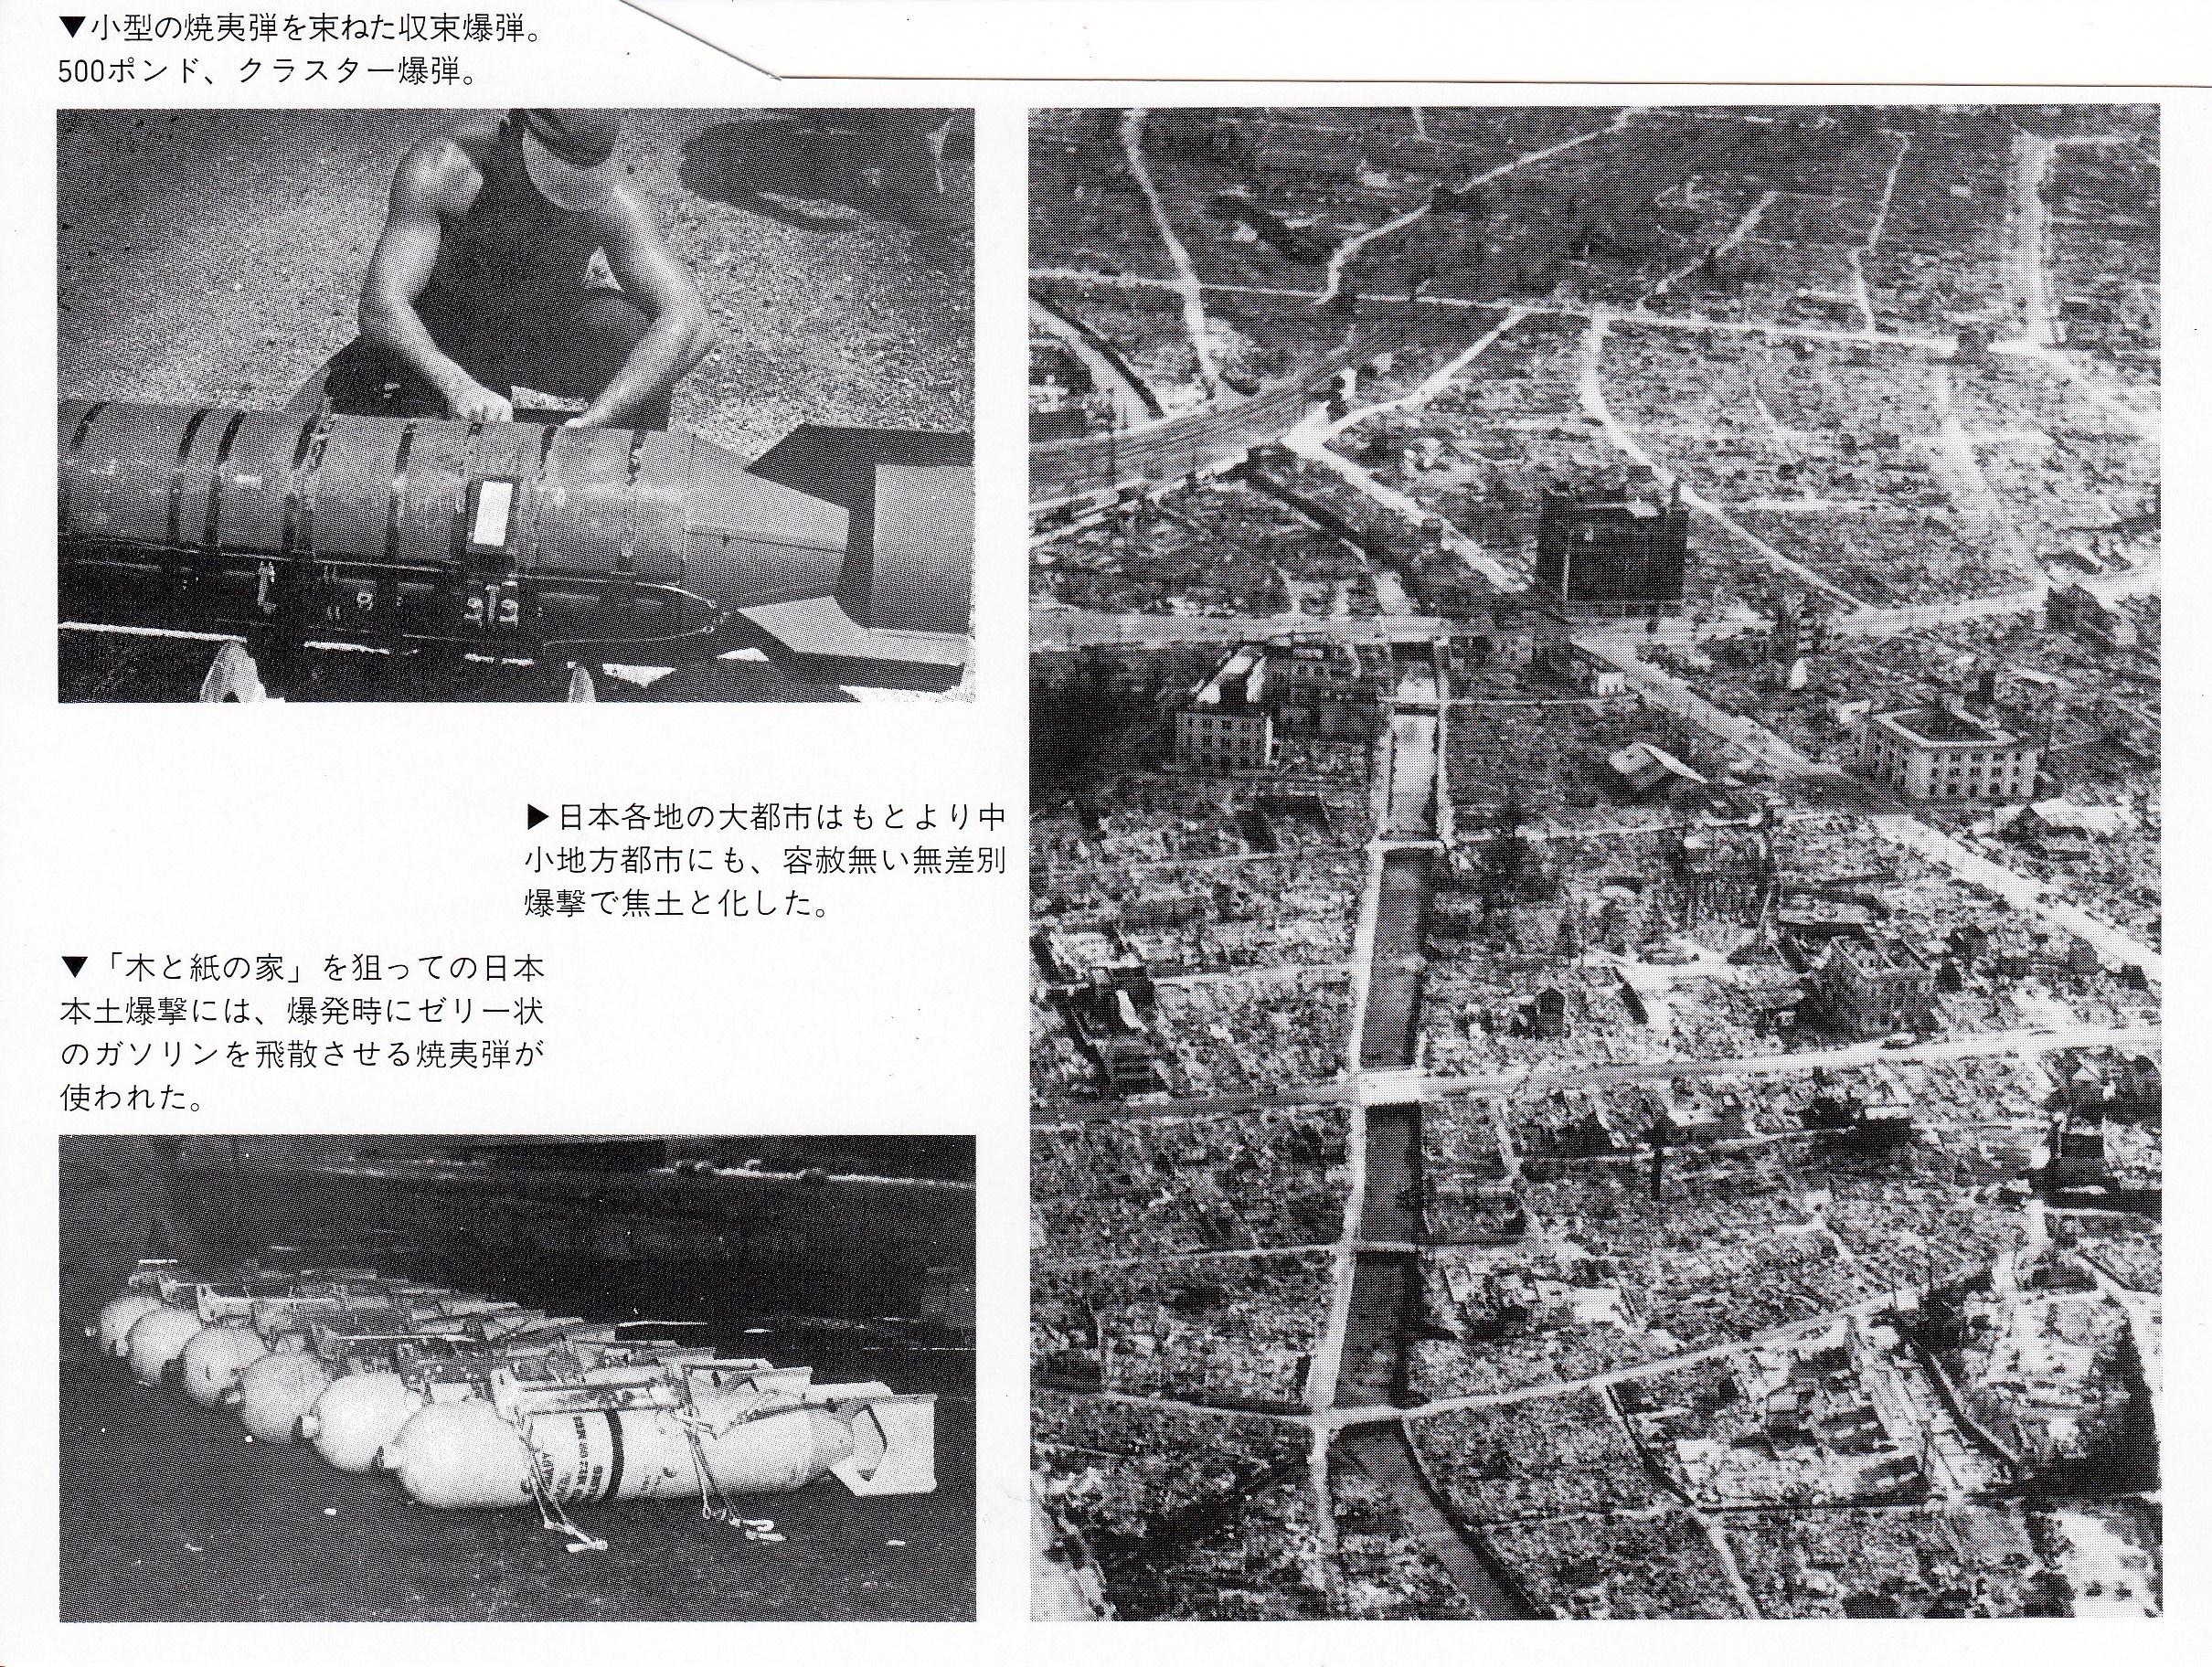 焼夷弾・都市圏の被害_0001